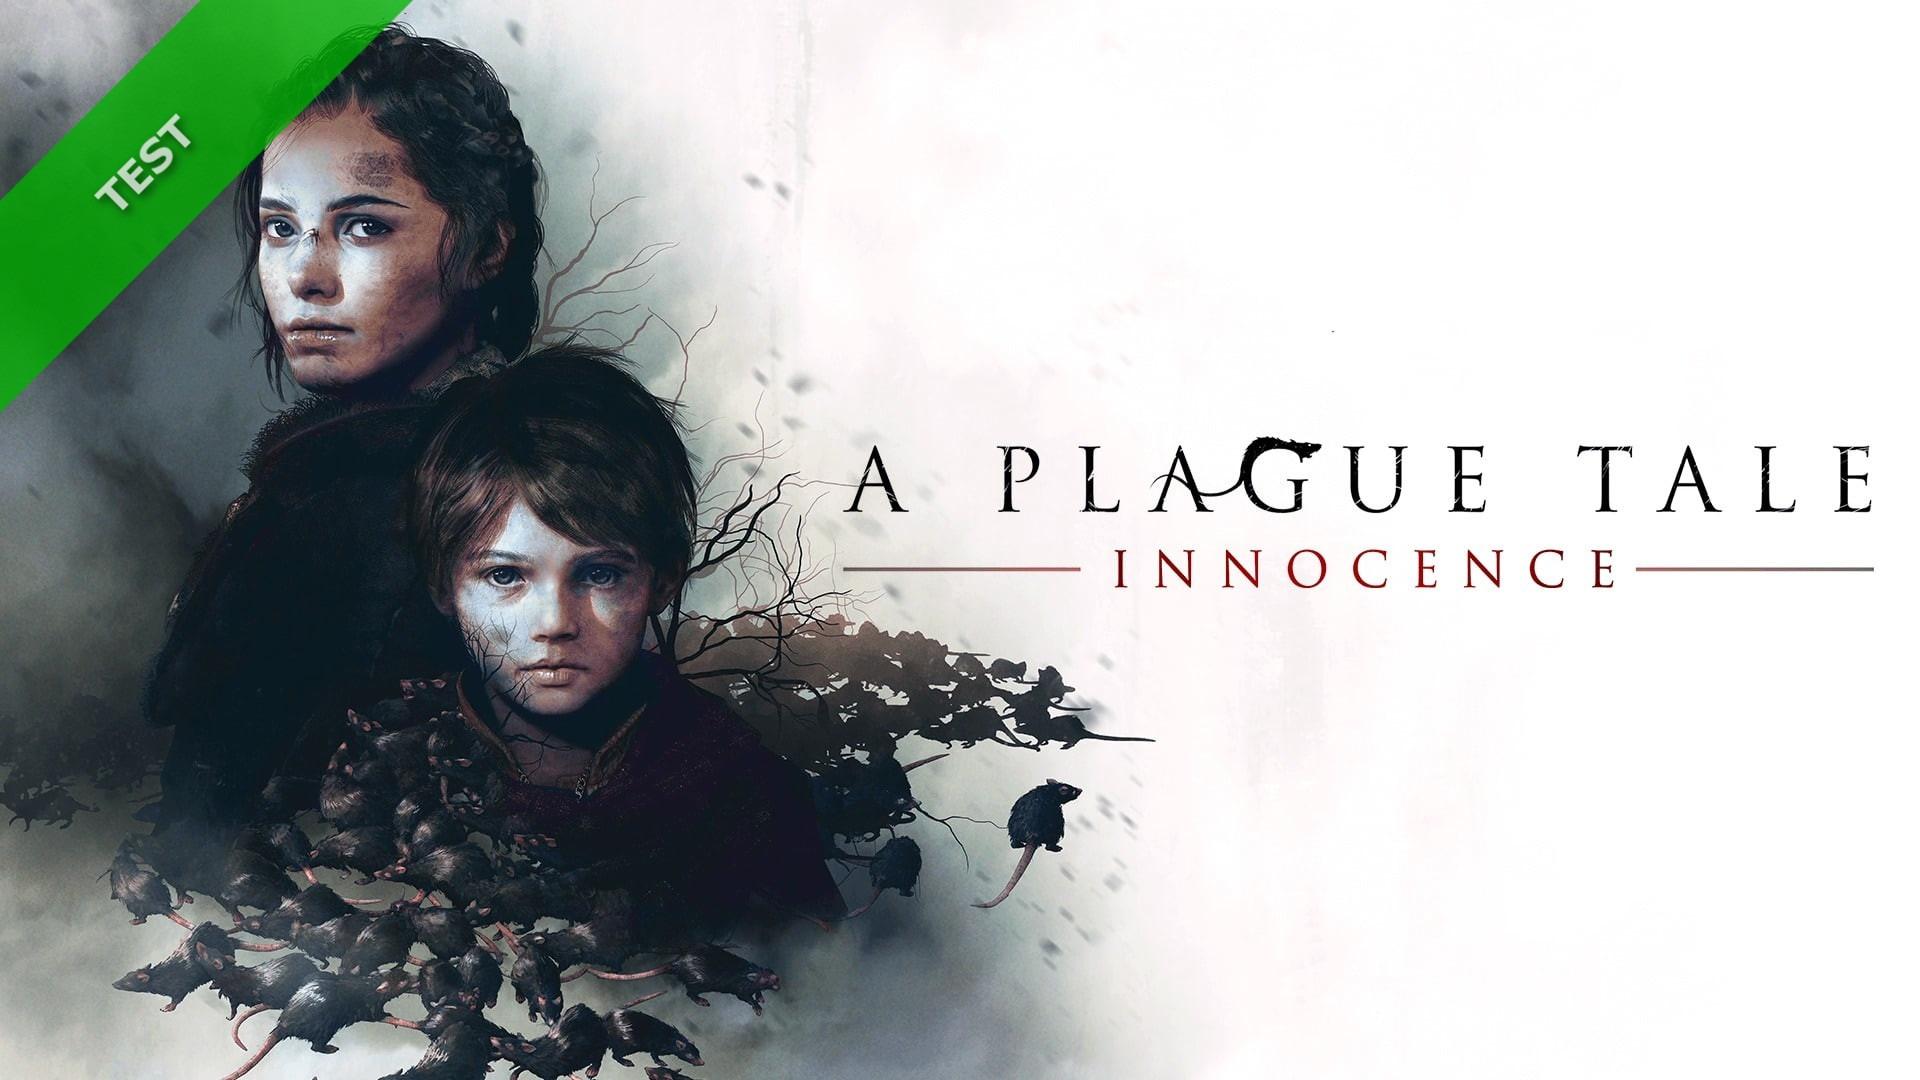 TEST A Plague Tale Innocence XWFR